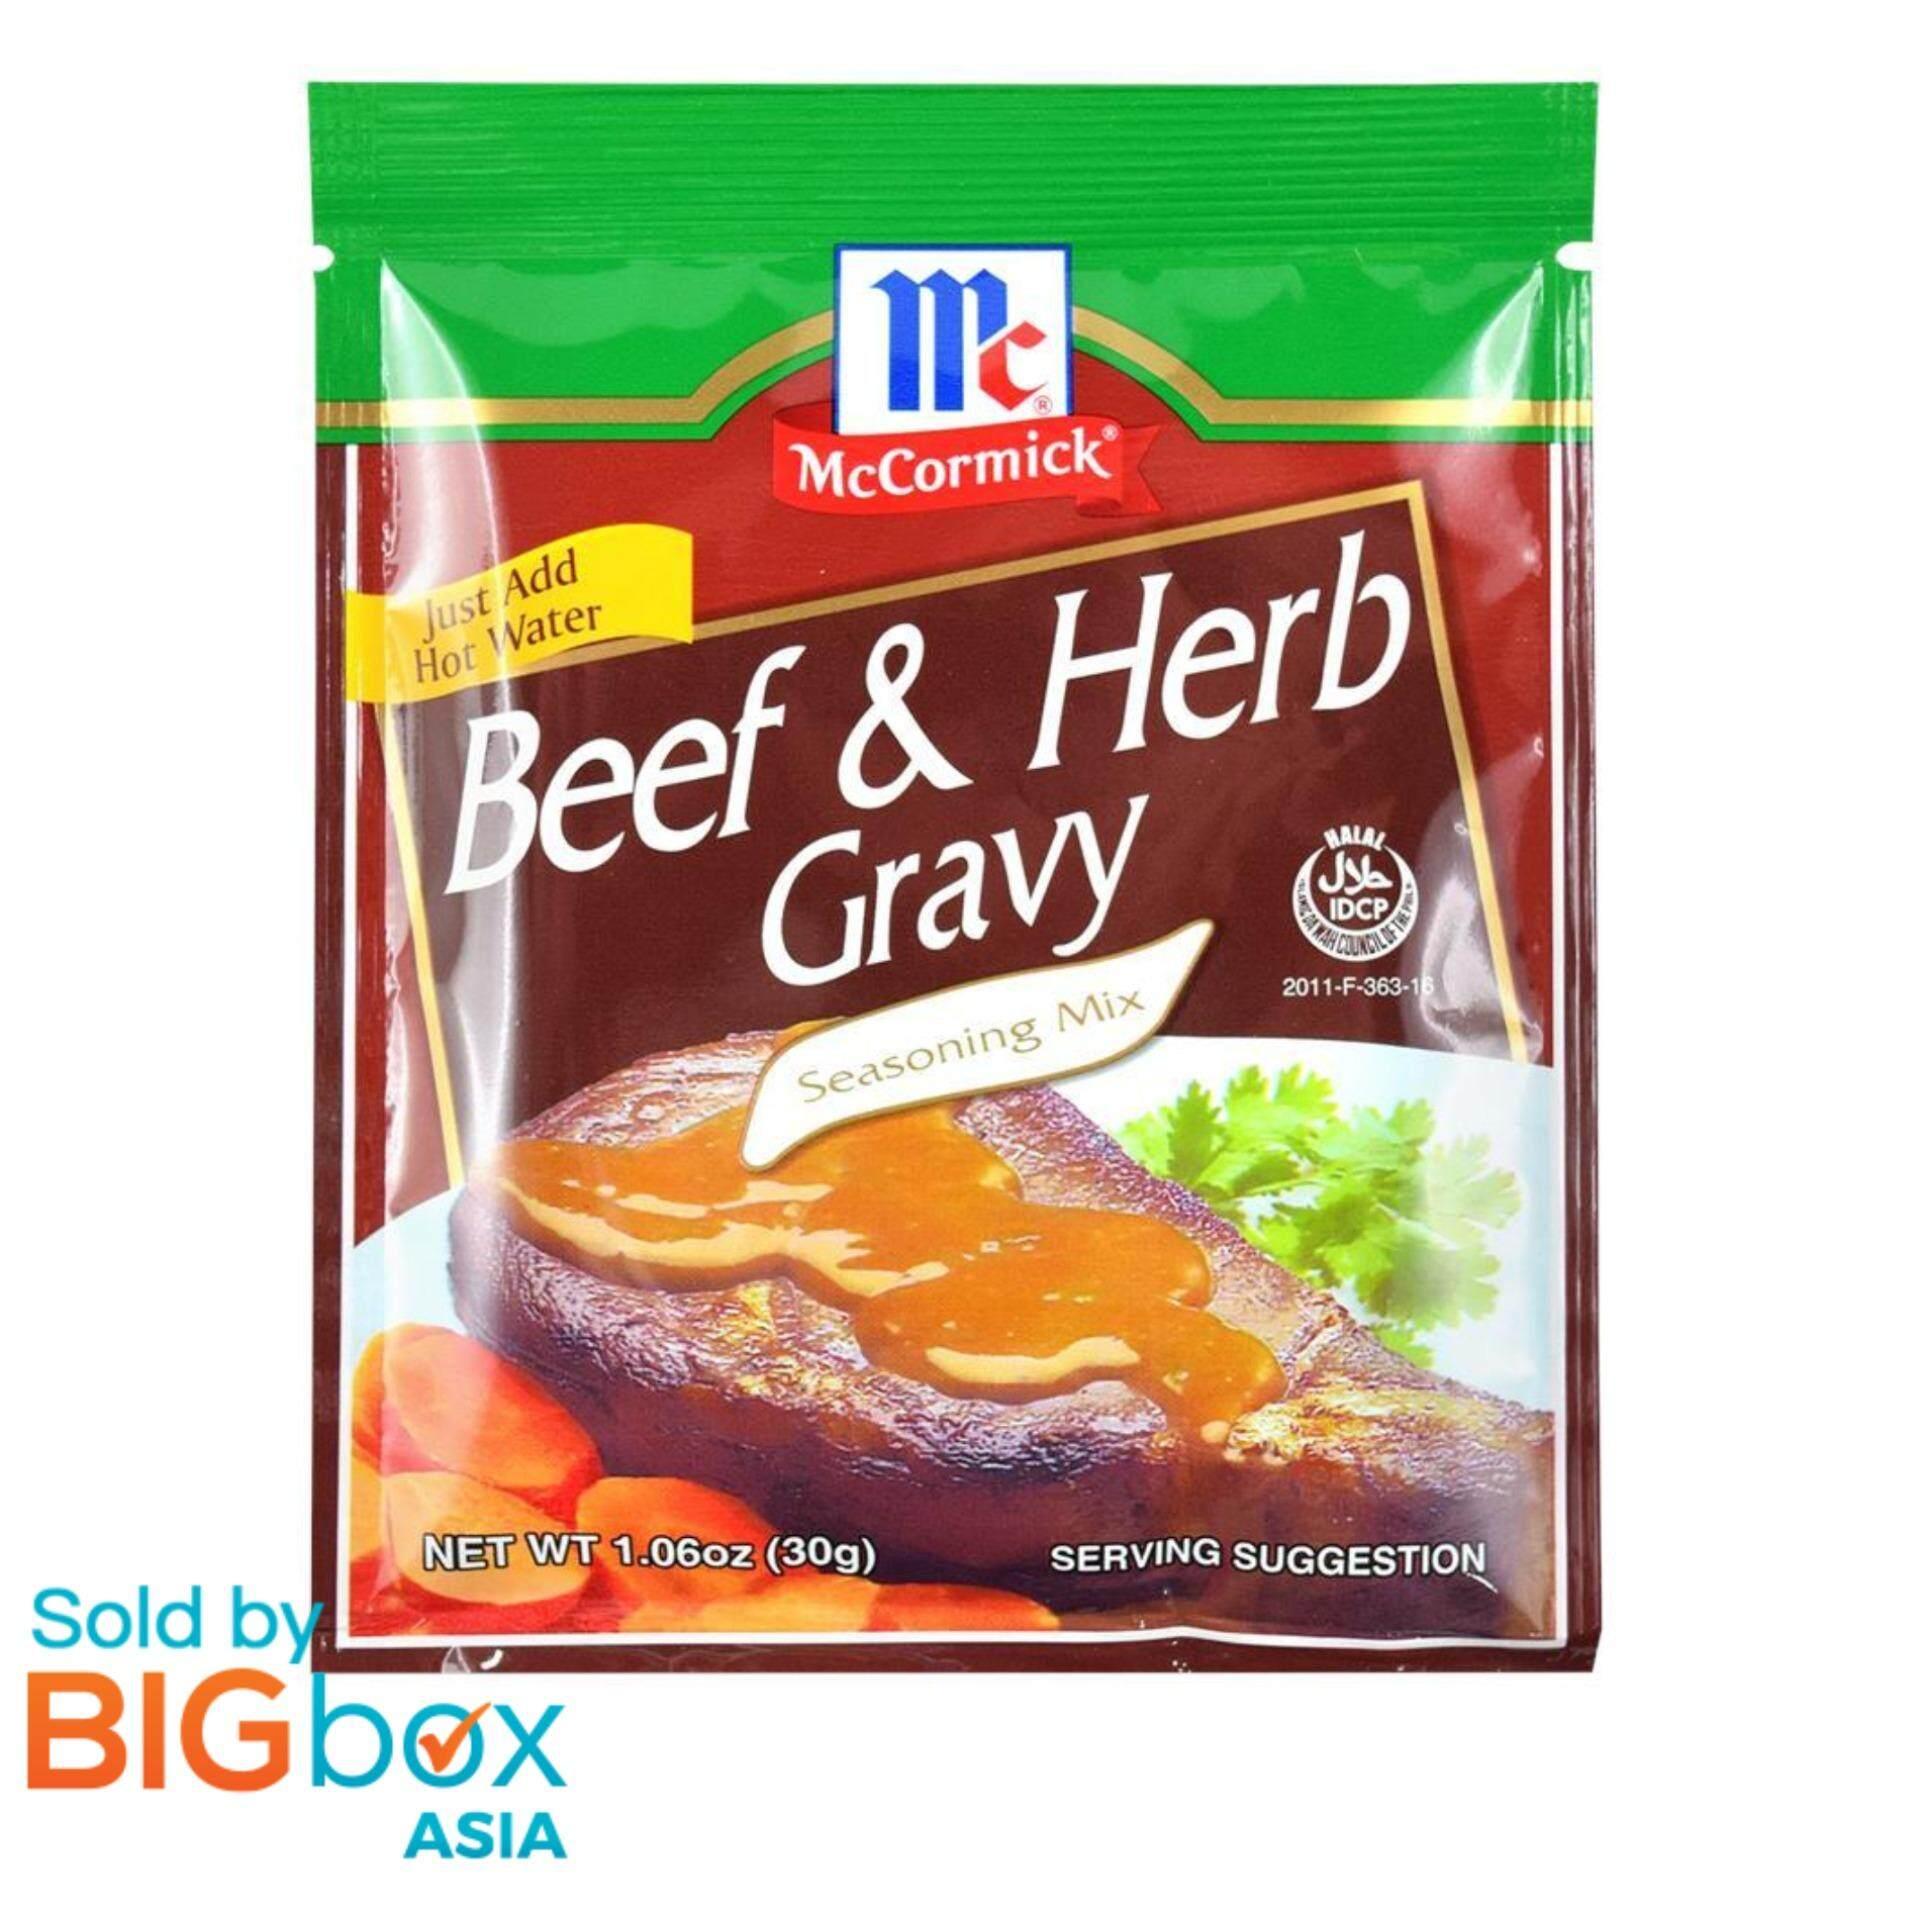 McCormick Gravy 30g - Beef & Herbs